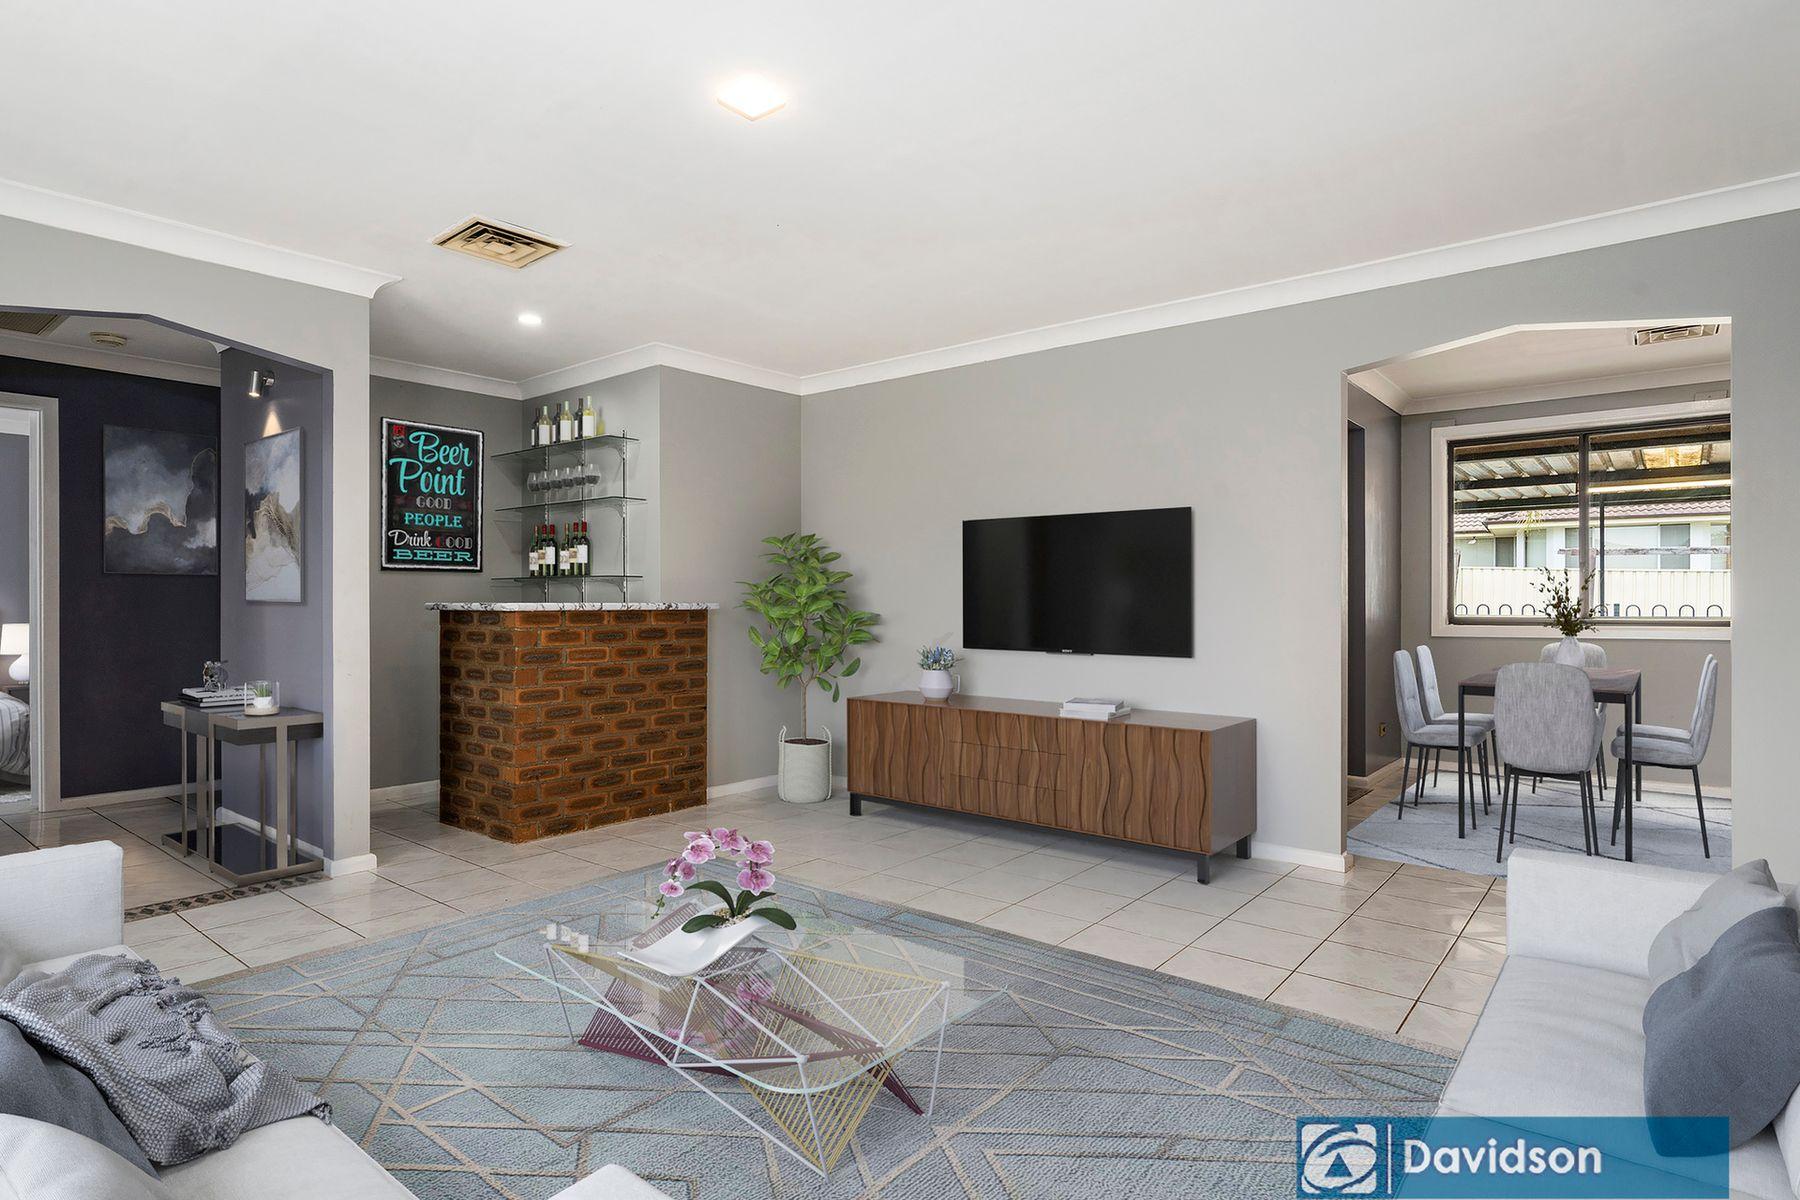 9 Humber Place, Ingleburn, NSW 2565